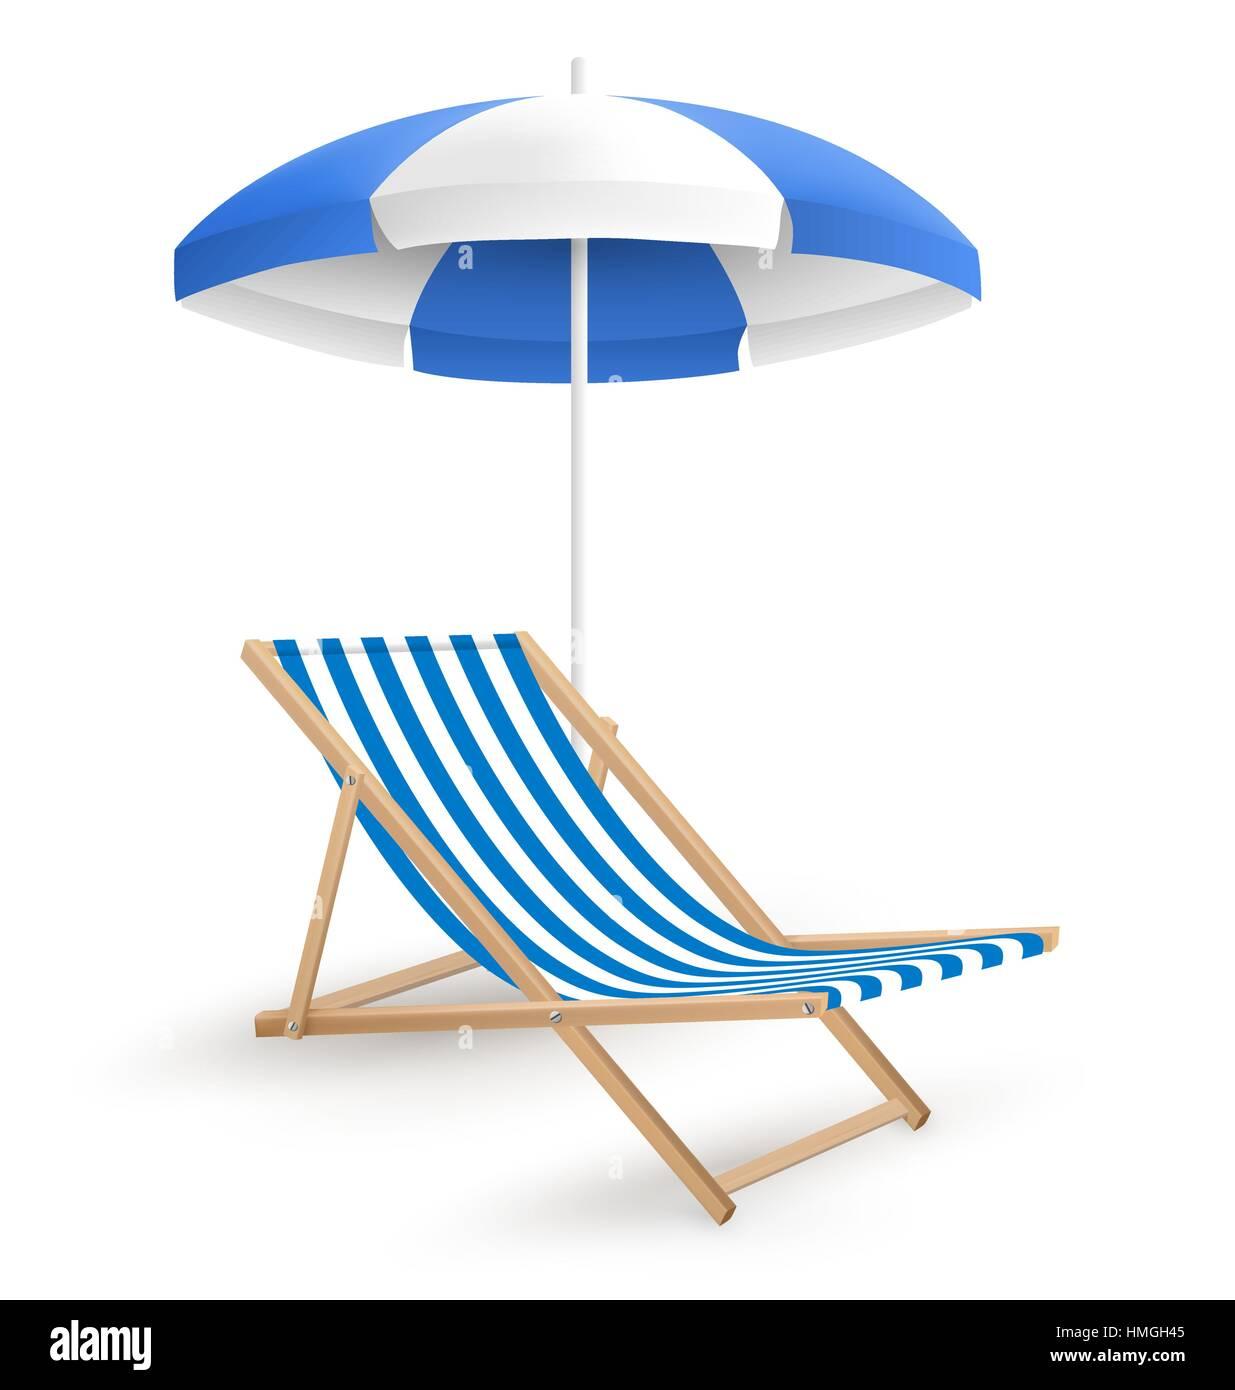 Beach chair with umbrella - Stock Vector Sun Beach Umbrella With Beach Chair Isolated On White